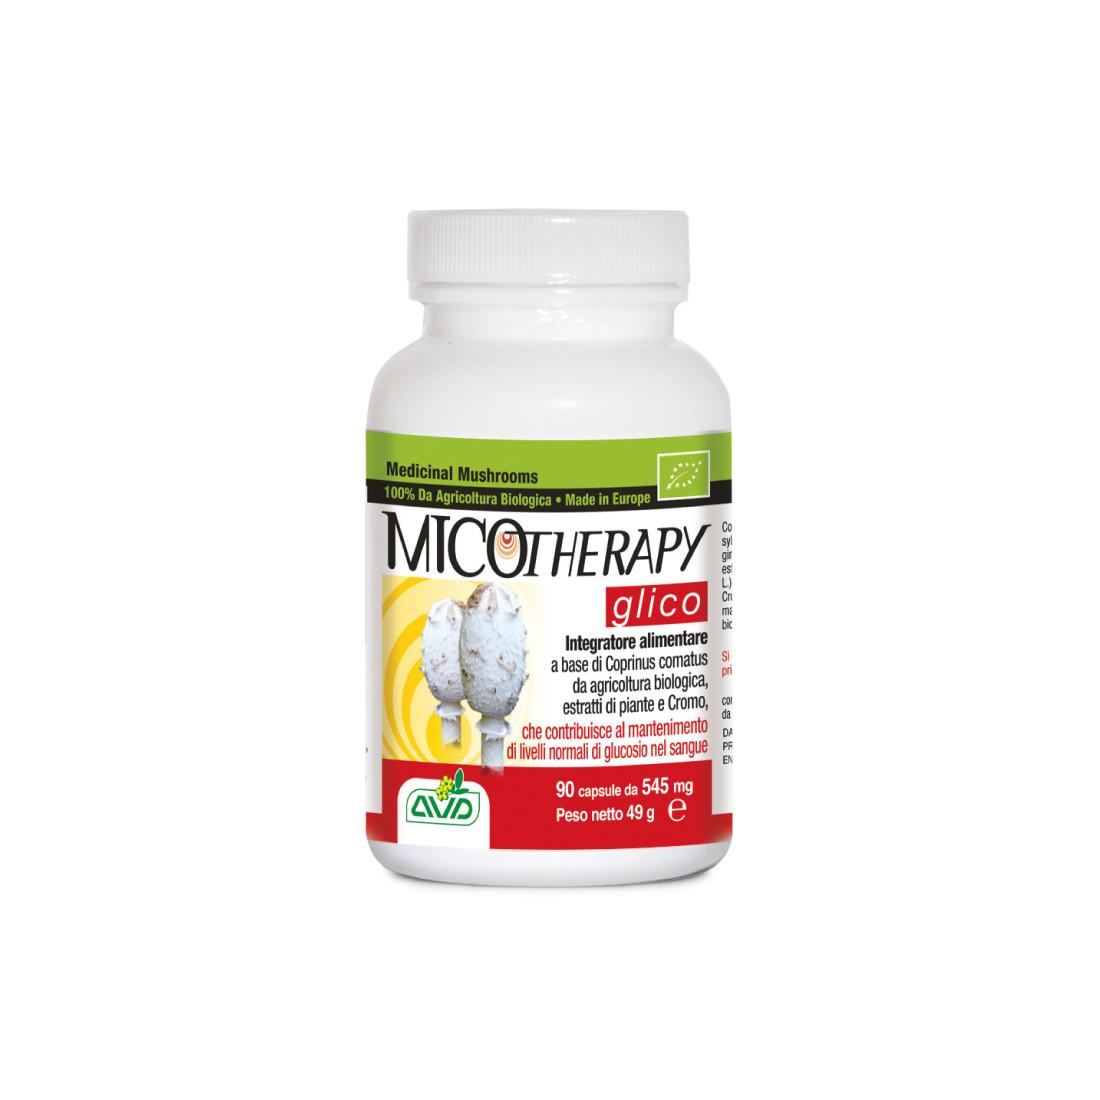 Micotherapy Glico